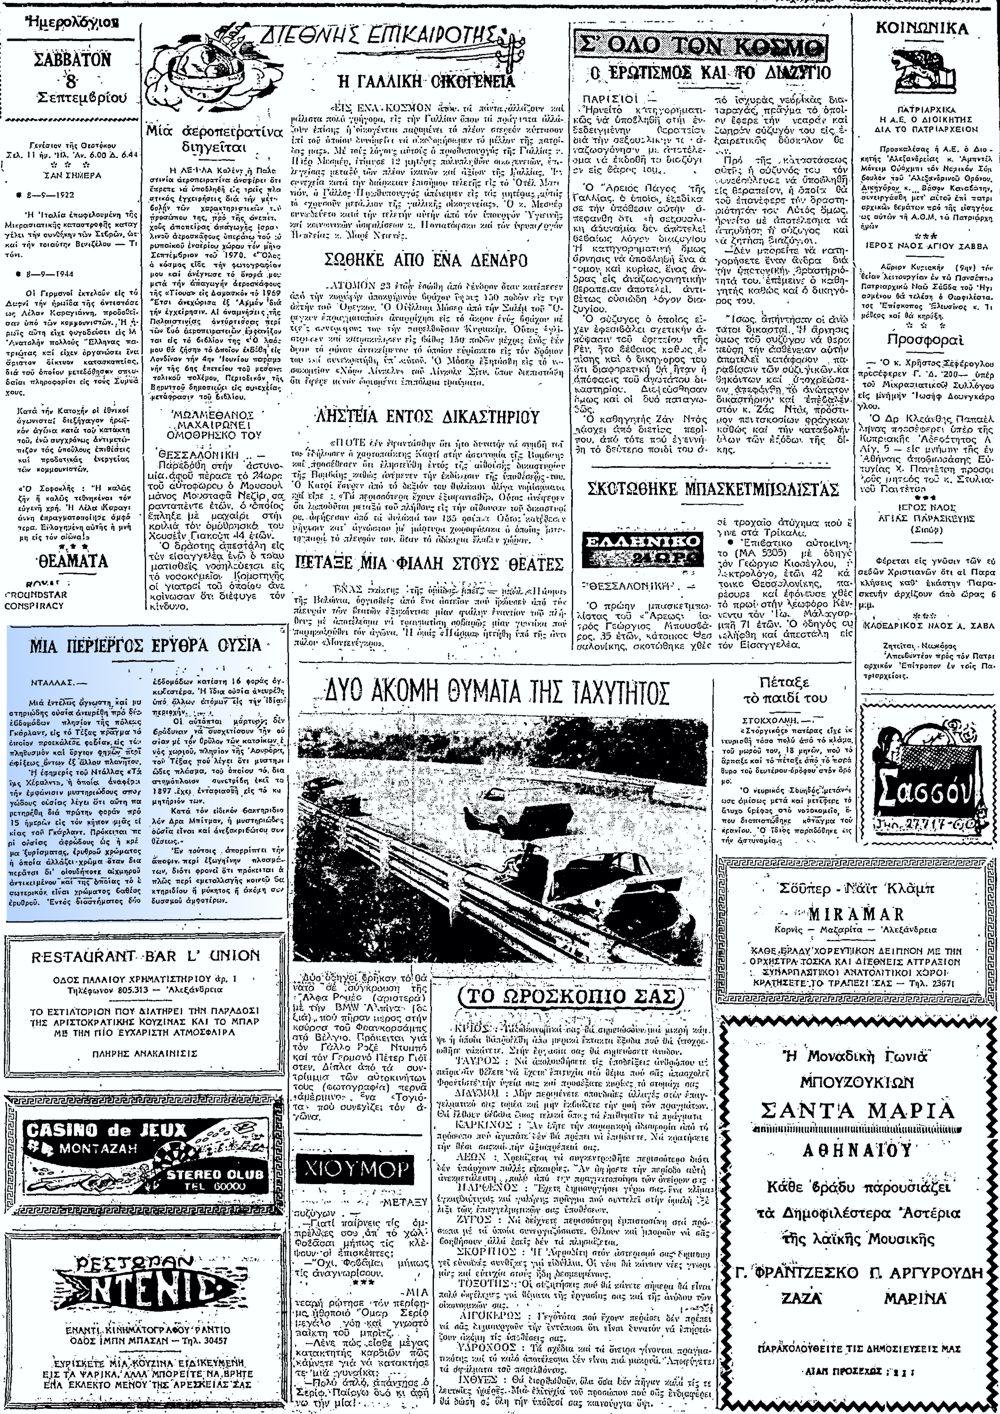 """Το άρθρο, όπως δημοσιεύθηκε στην εφημερίδα """"ΤΑΧΥΔΡΟΜΟΣ"""", στις 08/09/1973"""